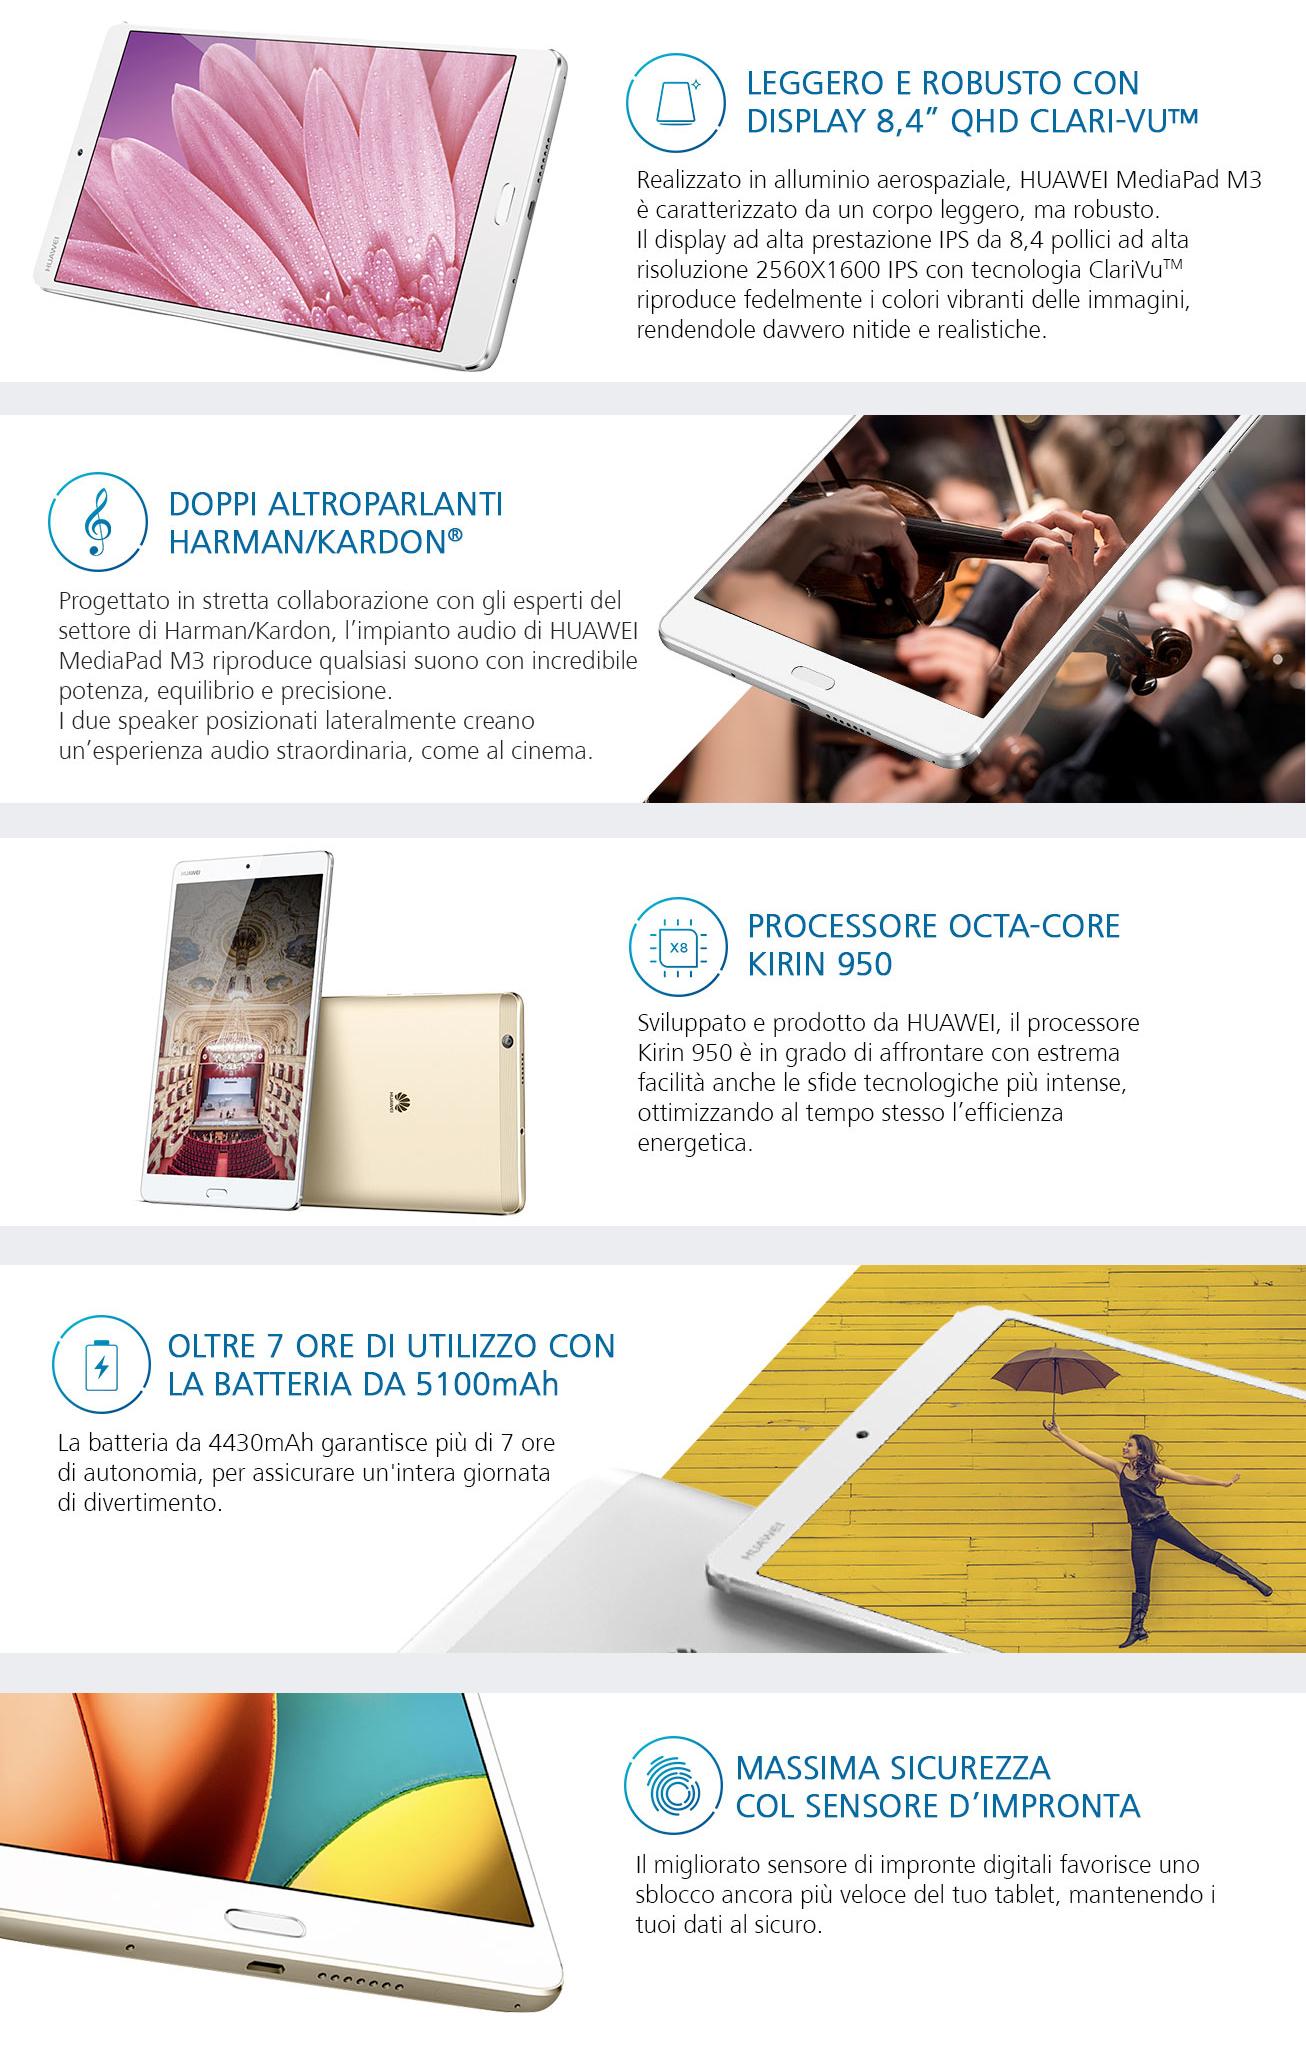 Schemi Elettrici Huawei : Huawei mediapad m3